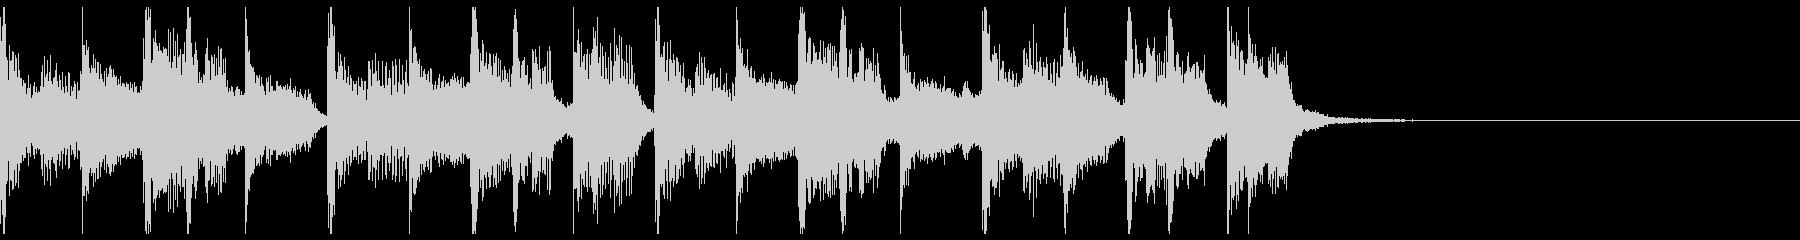 【ジングル】シックでコミカルなBGMの未再生の波形